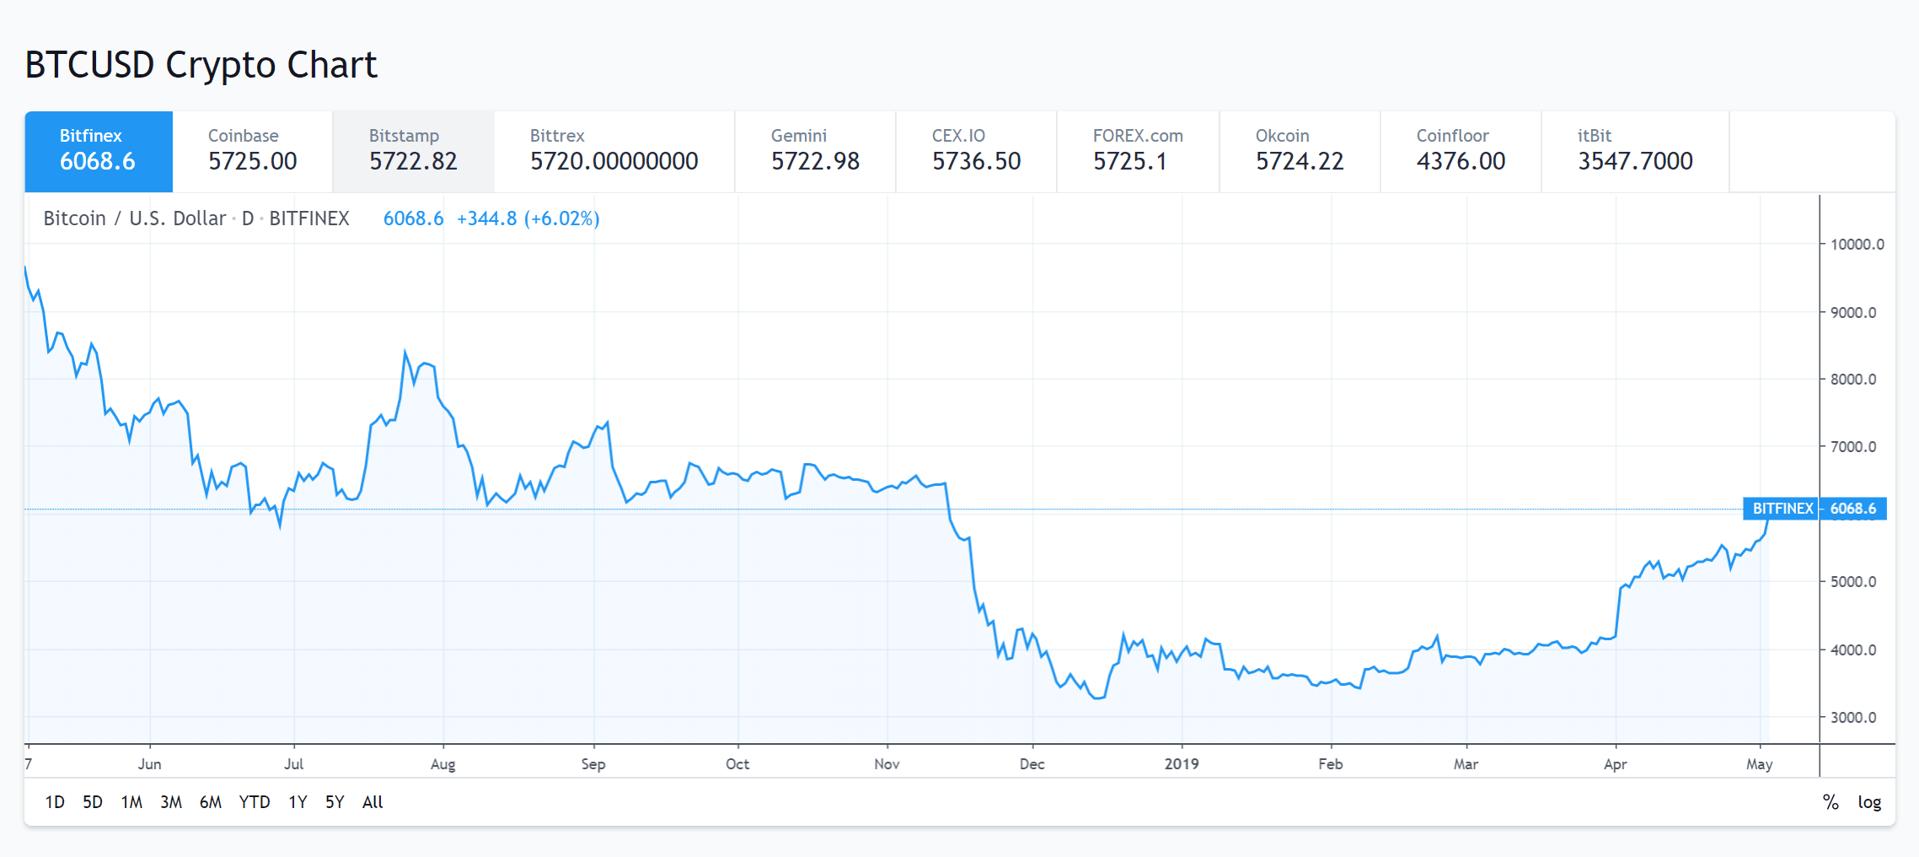 El precio del bitcóin en diferentes plataformas de intercambio. Mayo del 2019.